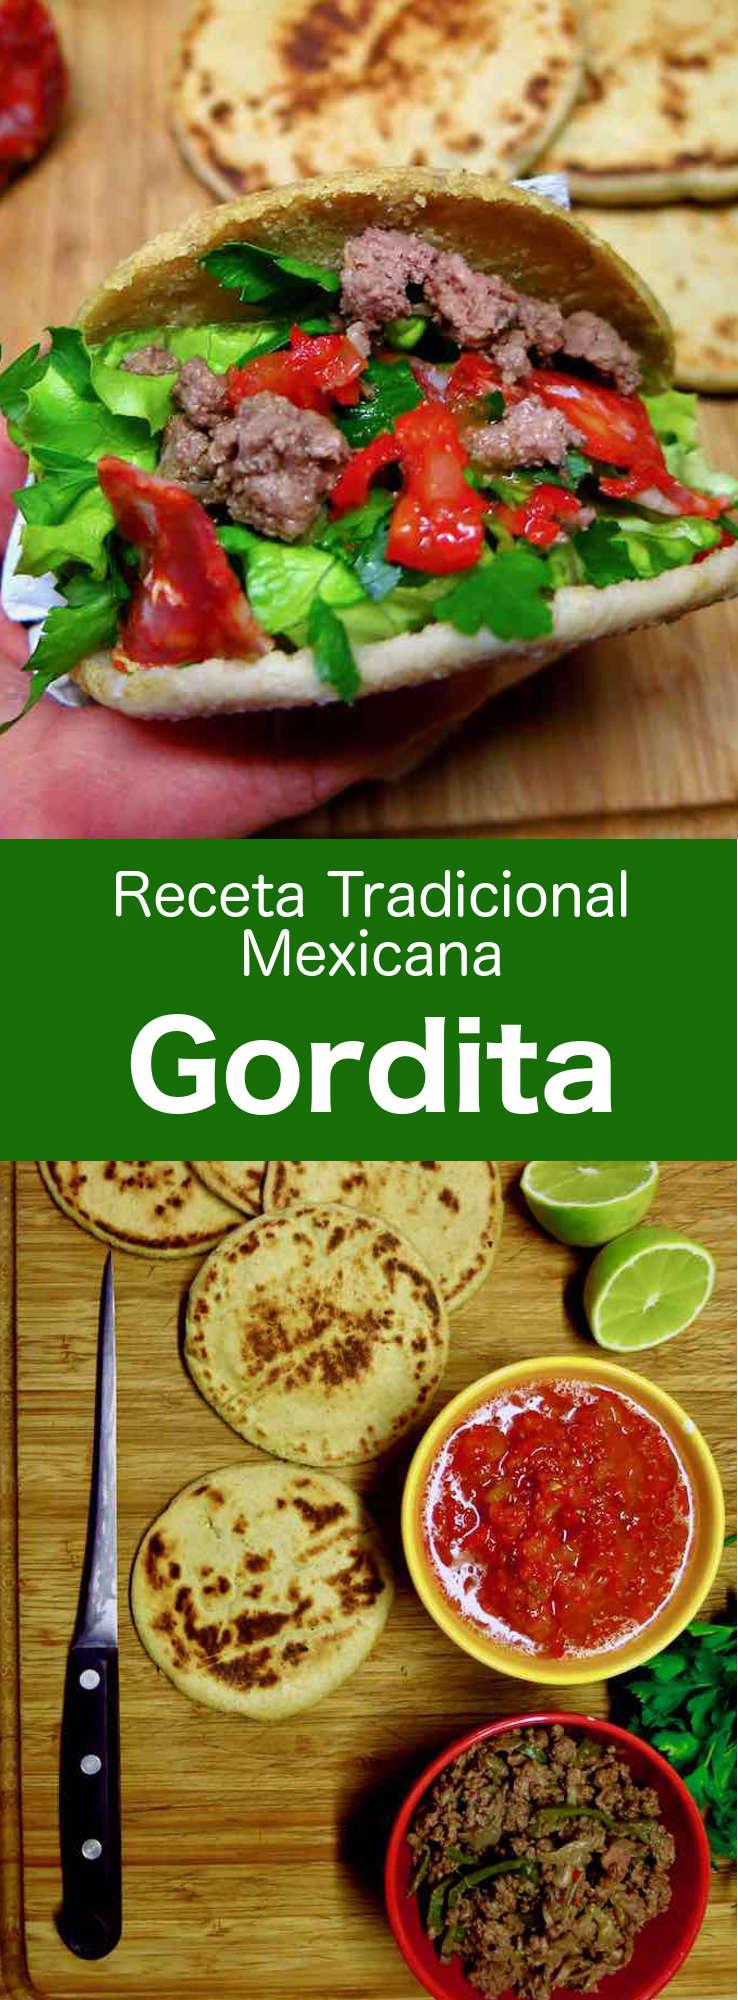 Las gorditas son pequeñas tortilla de maíz gruesas, cortadas por la mitad y rellenas con varios guisos. #Mexico #RecetaMexicana #196flavors